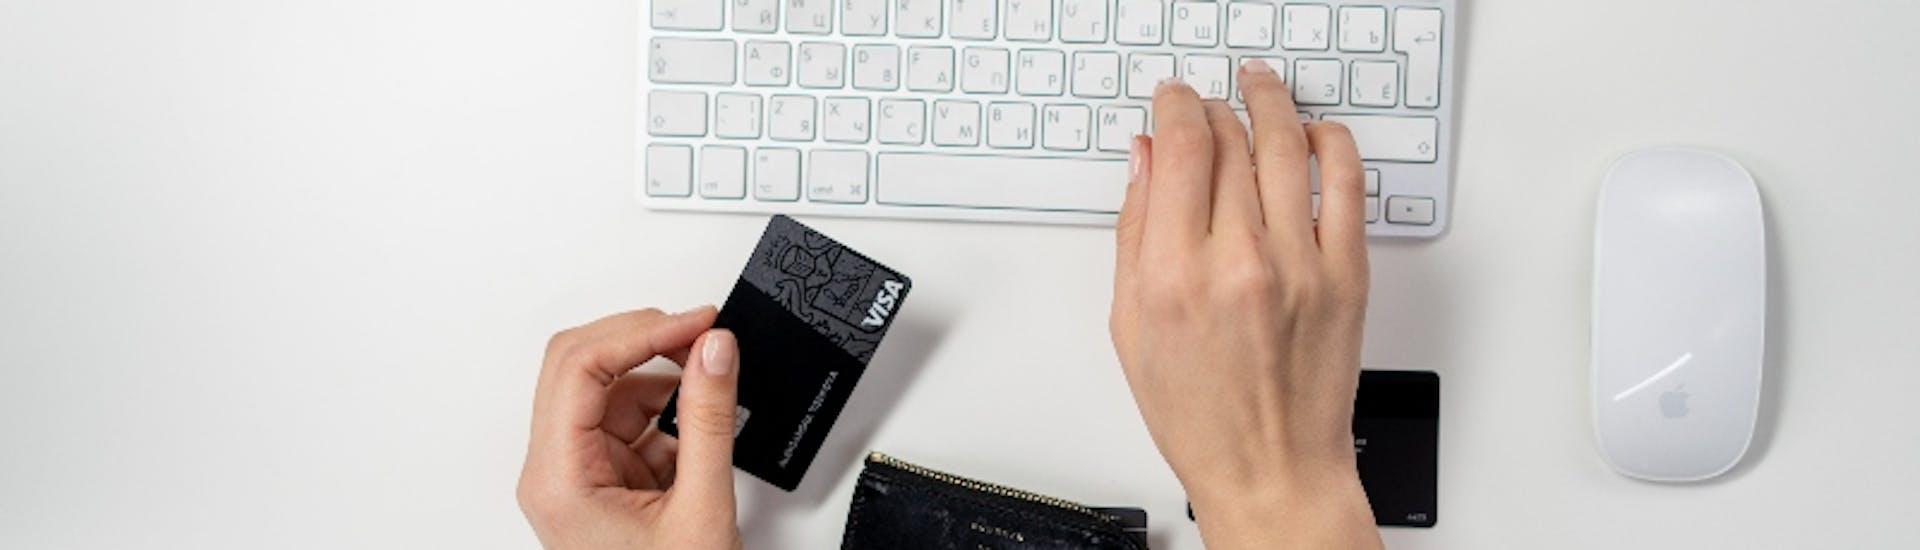 biezak pielautas kludas kreditkarsu izmantosana